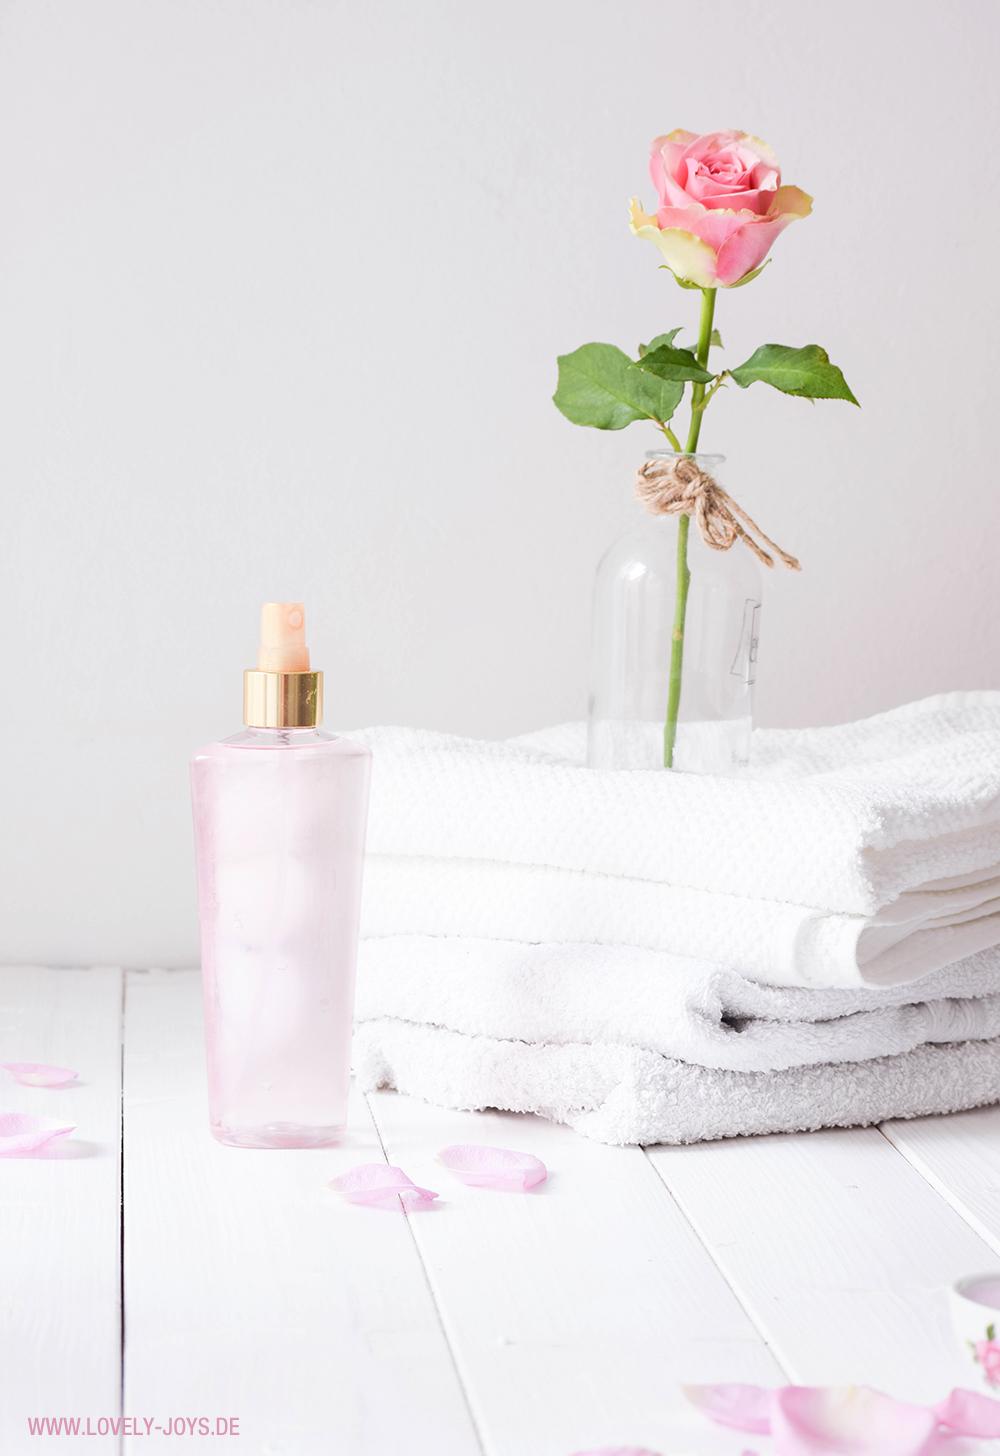 Rosenwasser Gesundheit und Hautpflege Body Spray